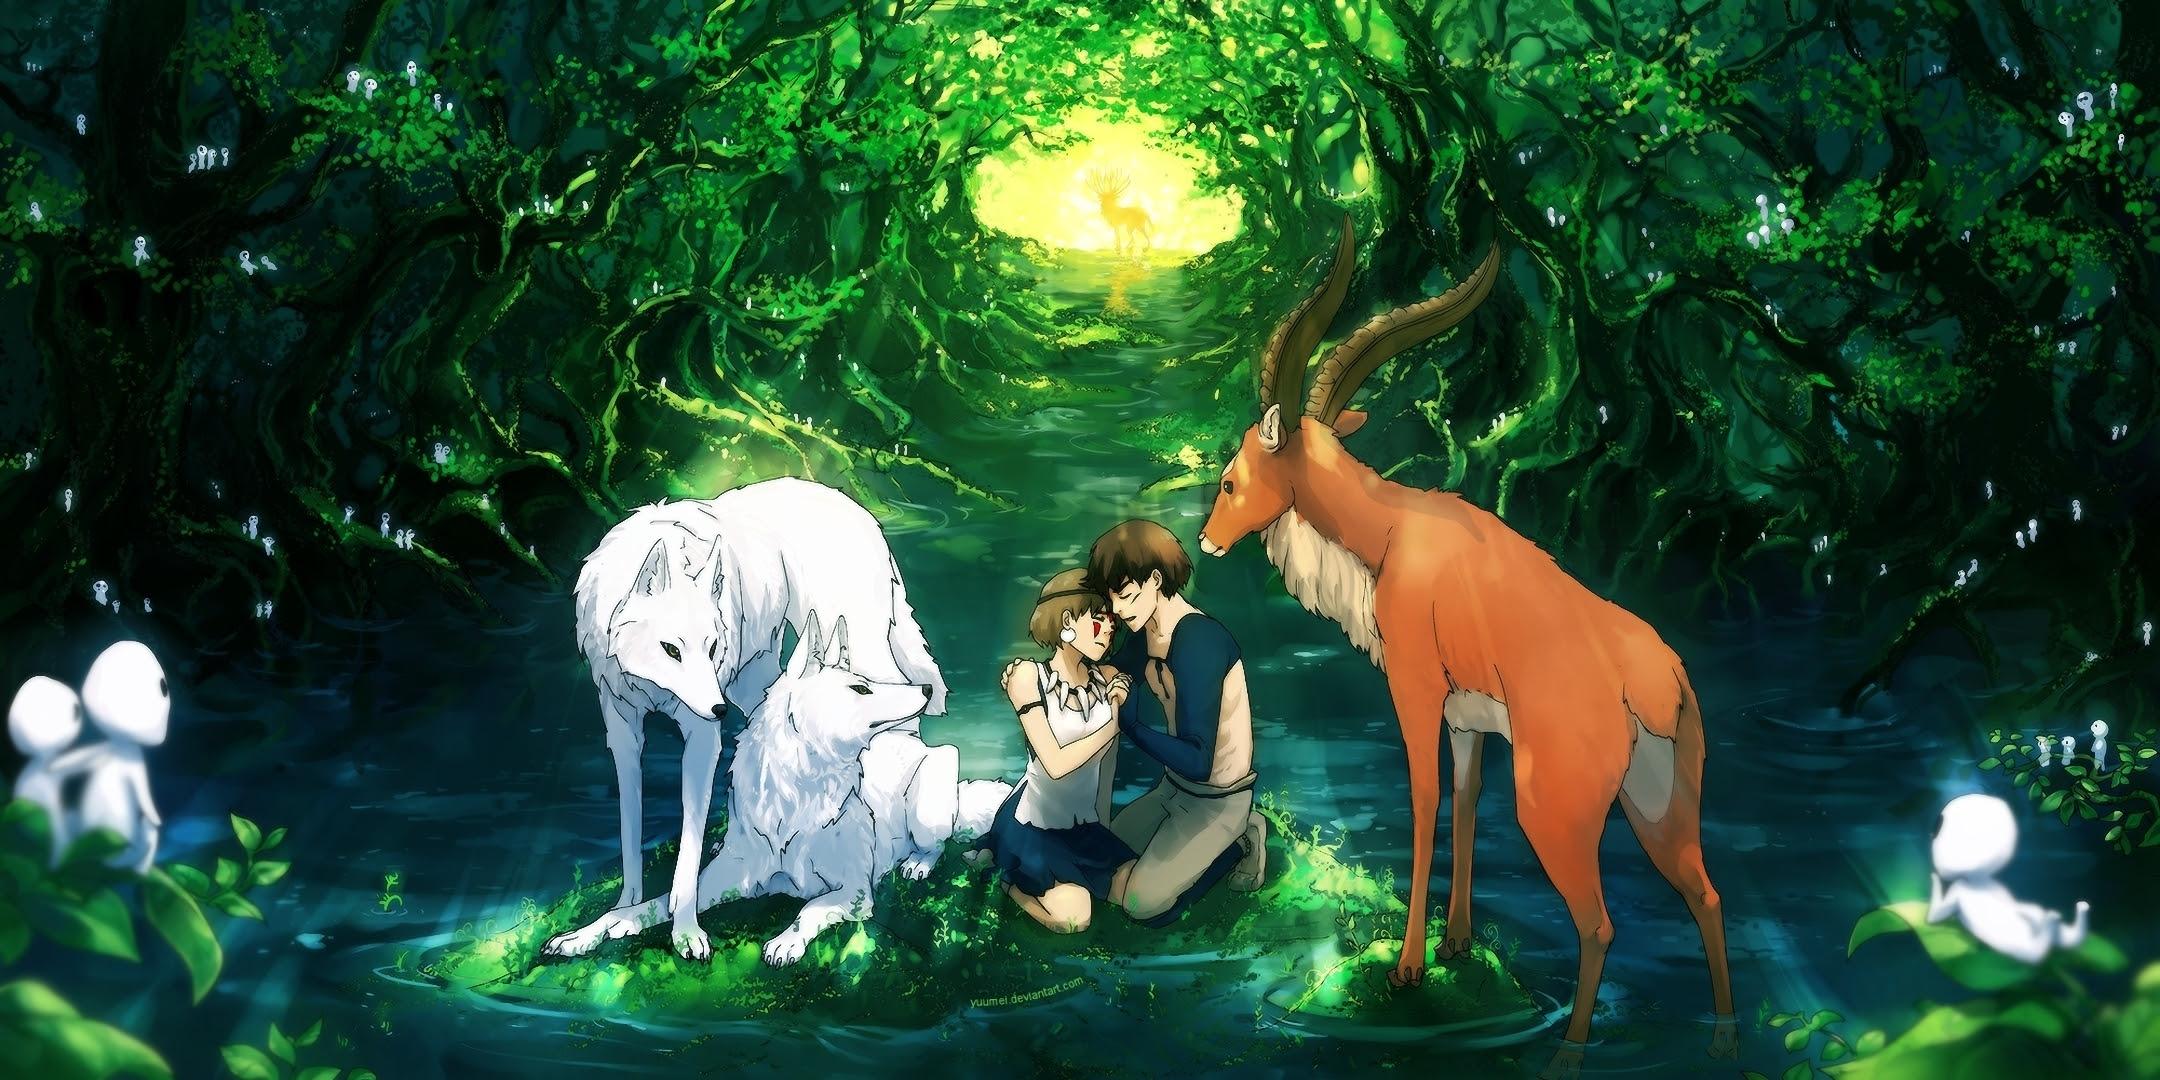 ジブリ もののけ姫の壁紙画像集 Princess Mononoke Wallp